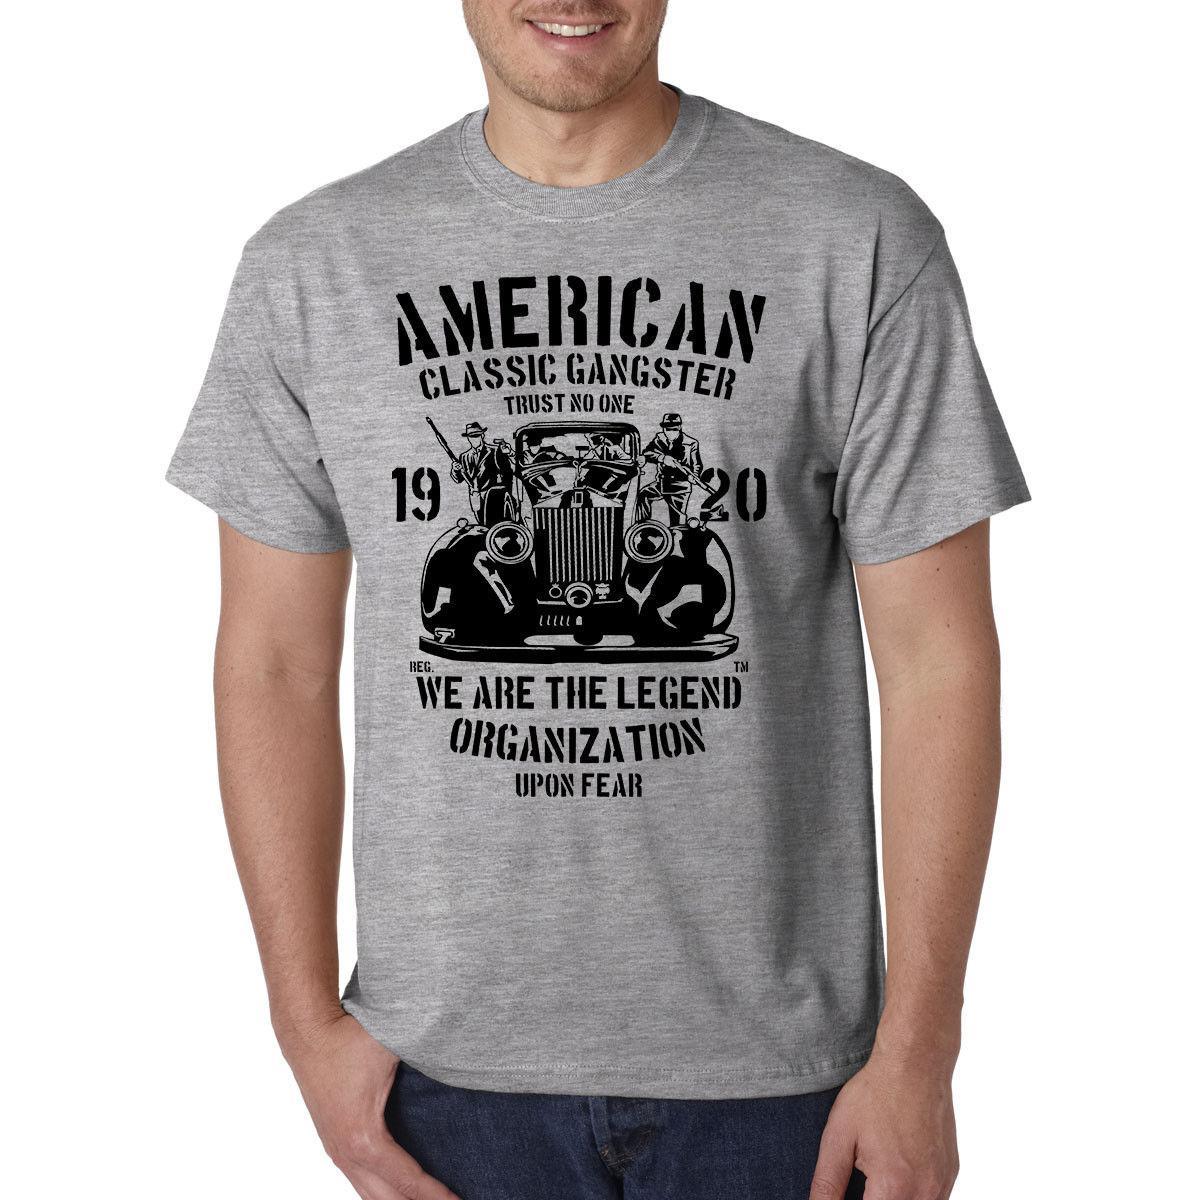 Compre American Gangster Classic Camiseta Mafia Mob Crime Boss Familia La  Cosa Nostra A  12.05 Del Yg09tshirt  f6cb941da5a16